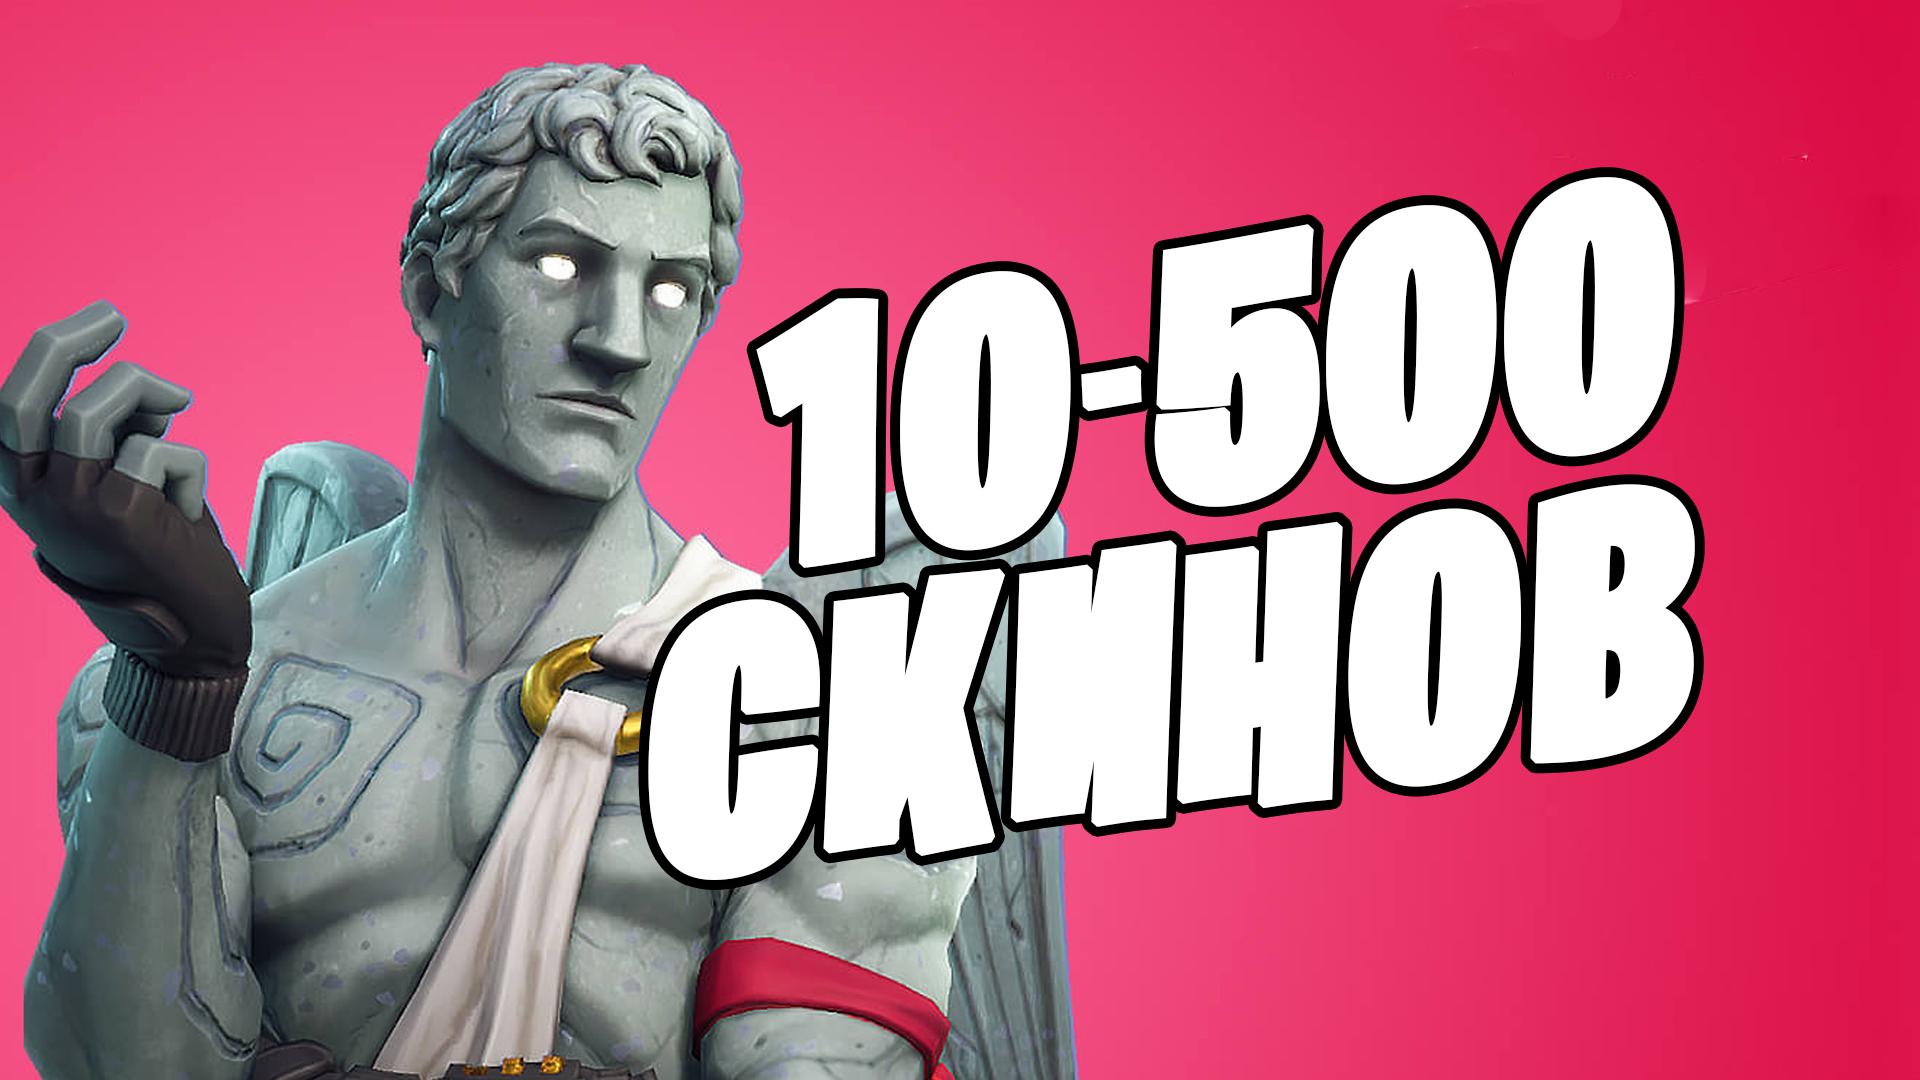 Фотография 10-500 скинов и больше[гарантия]+оплата картой✅✅✅